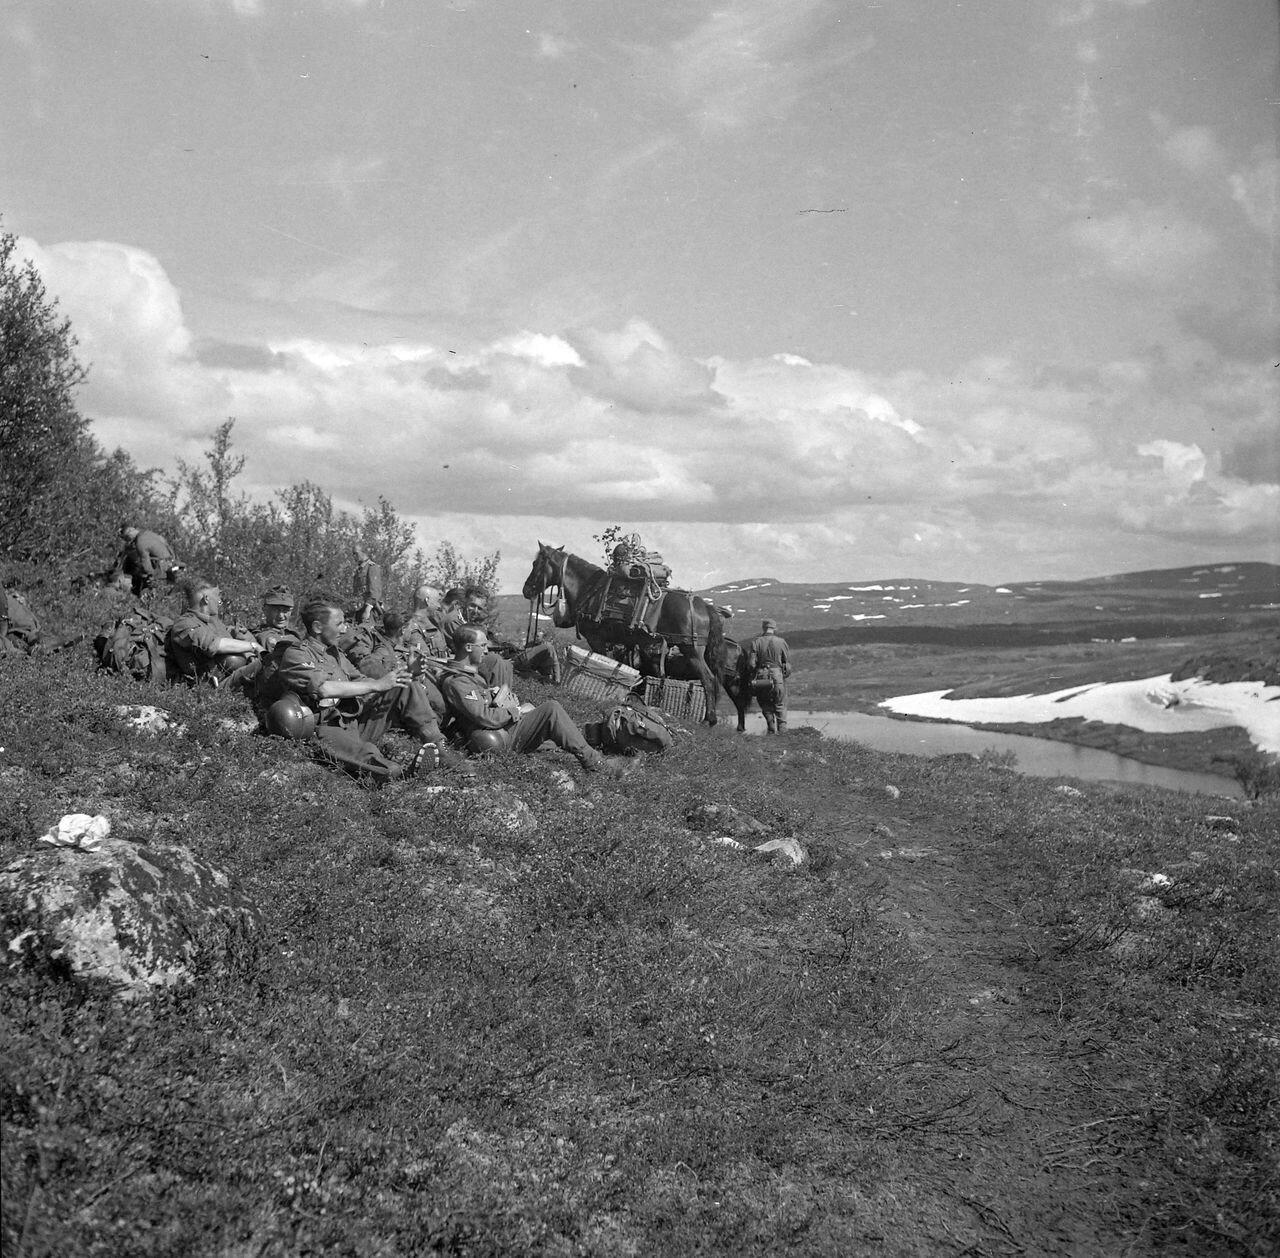 Солдаты отдыхают на лугу